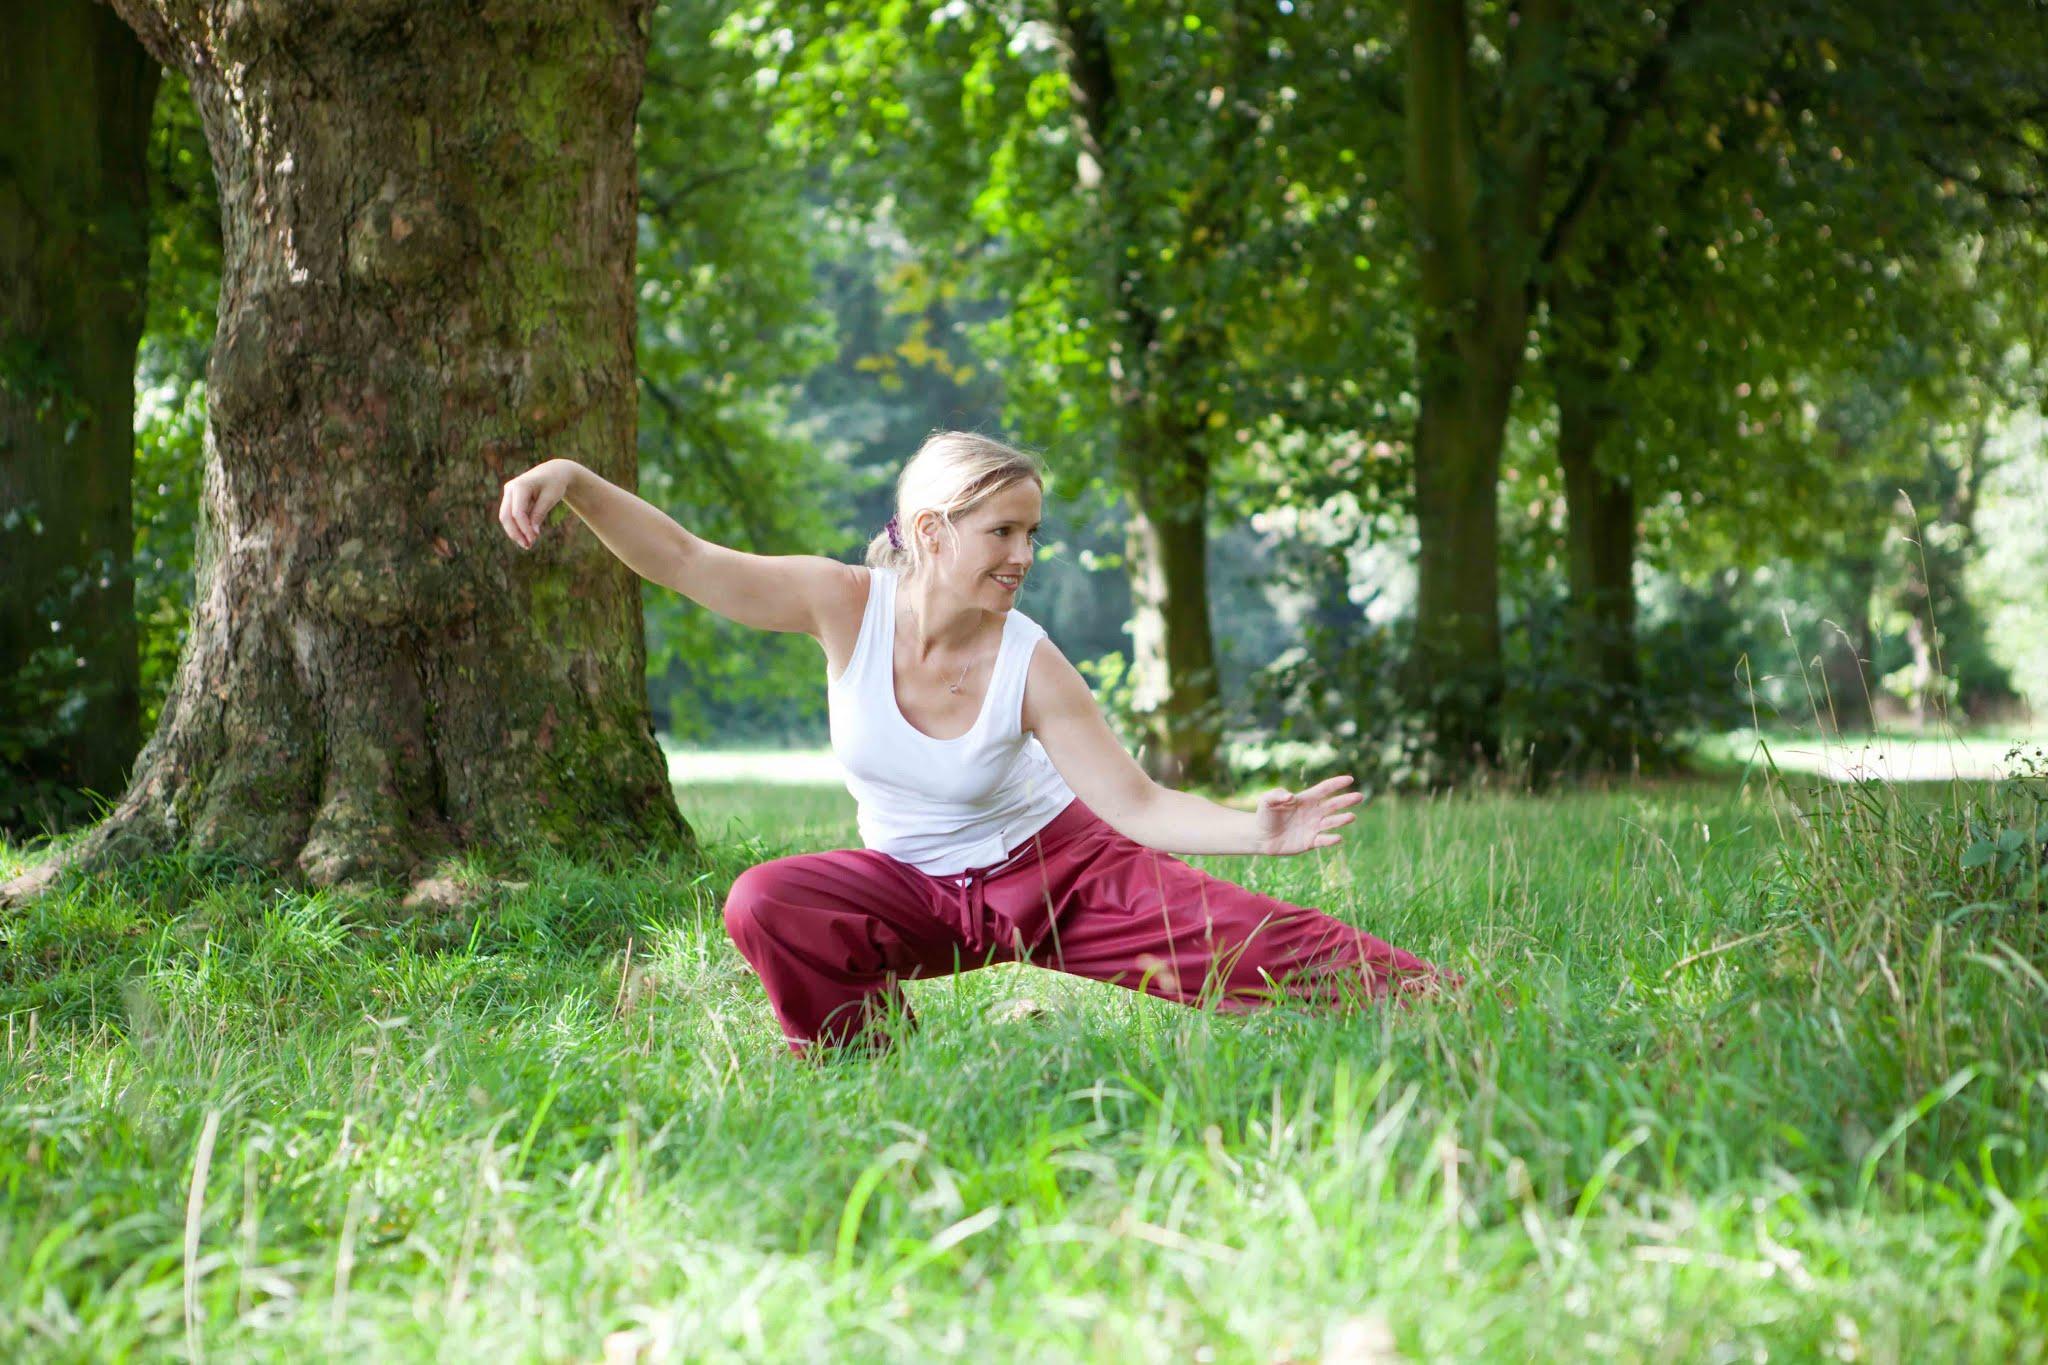 Frau in roter Hose und weißem Shirt bei  Tai Chi auf grünem Gras unter Bäumen